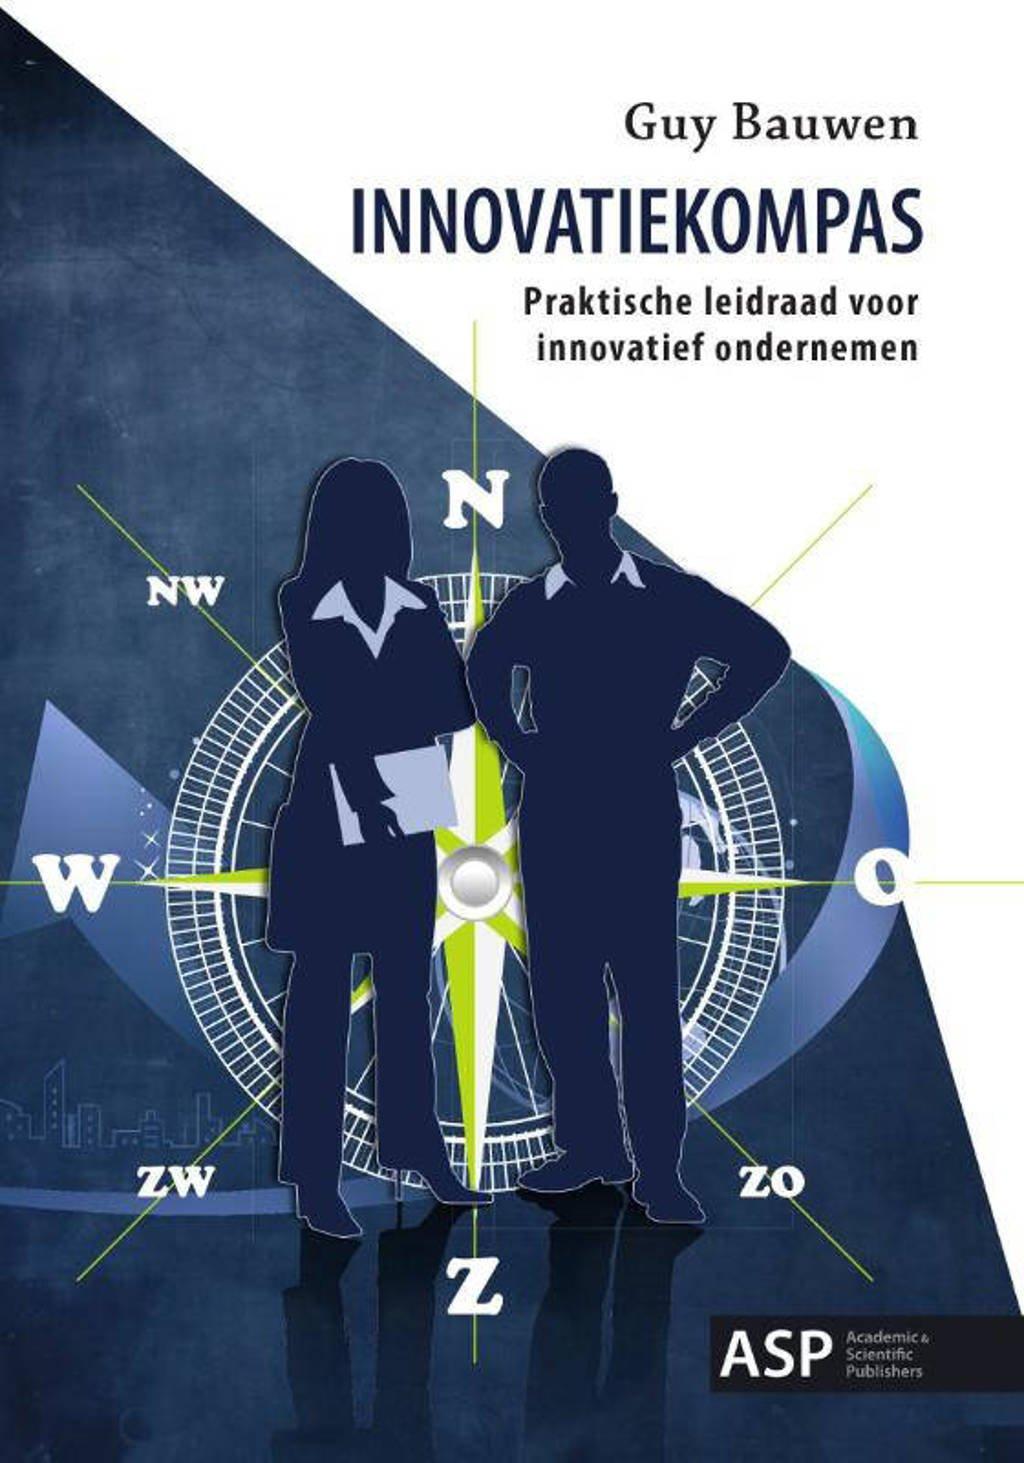 Innovatiekompas - Guy Bauwen